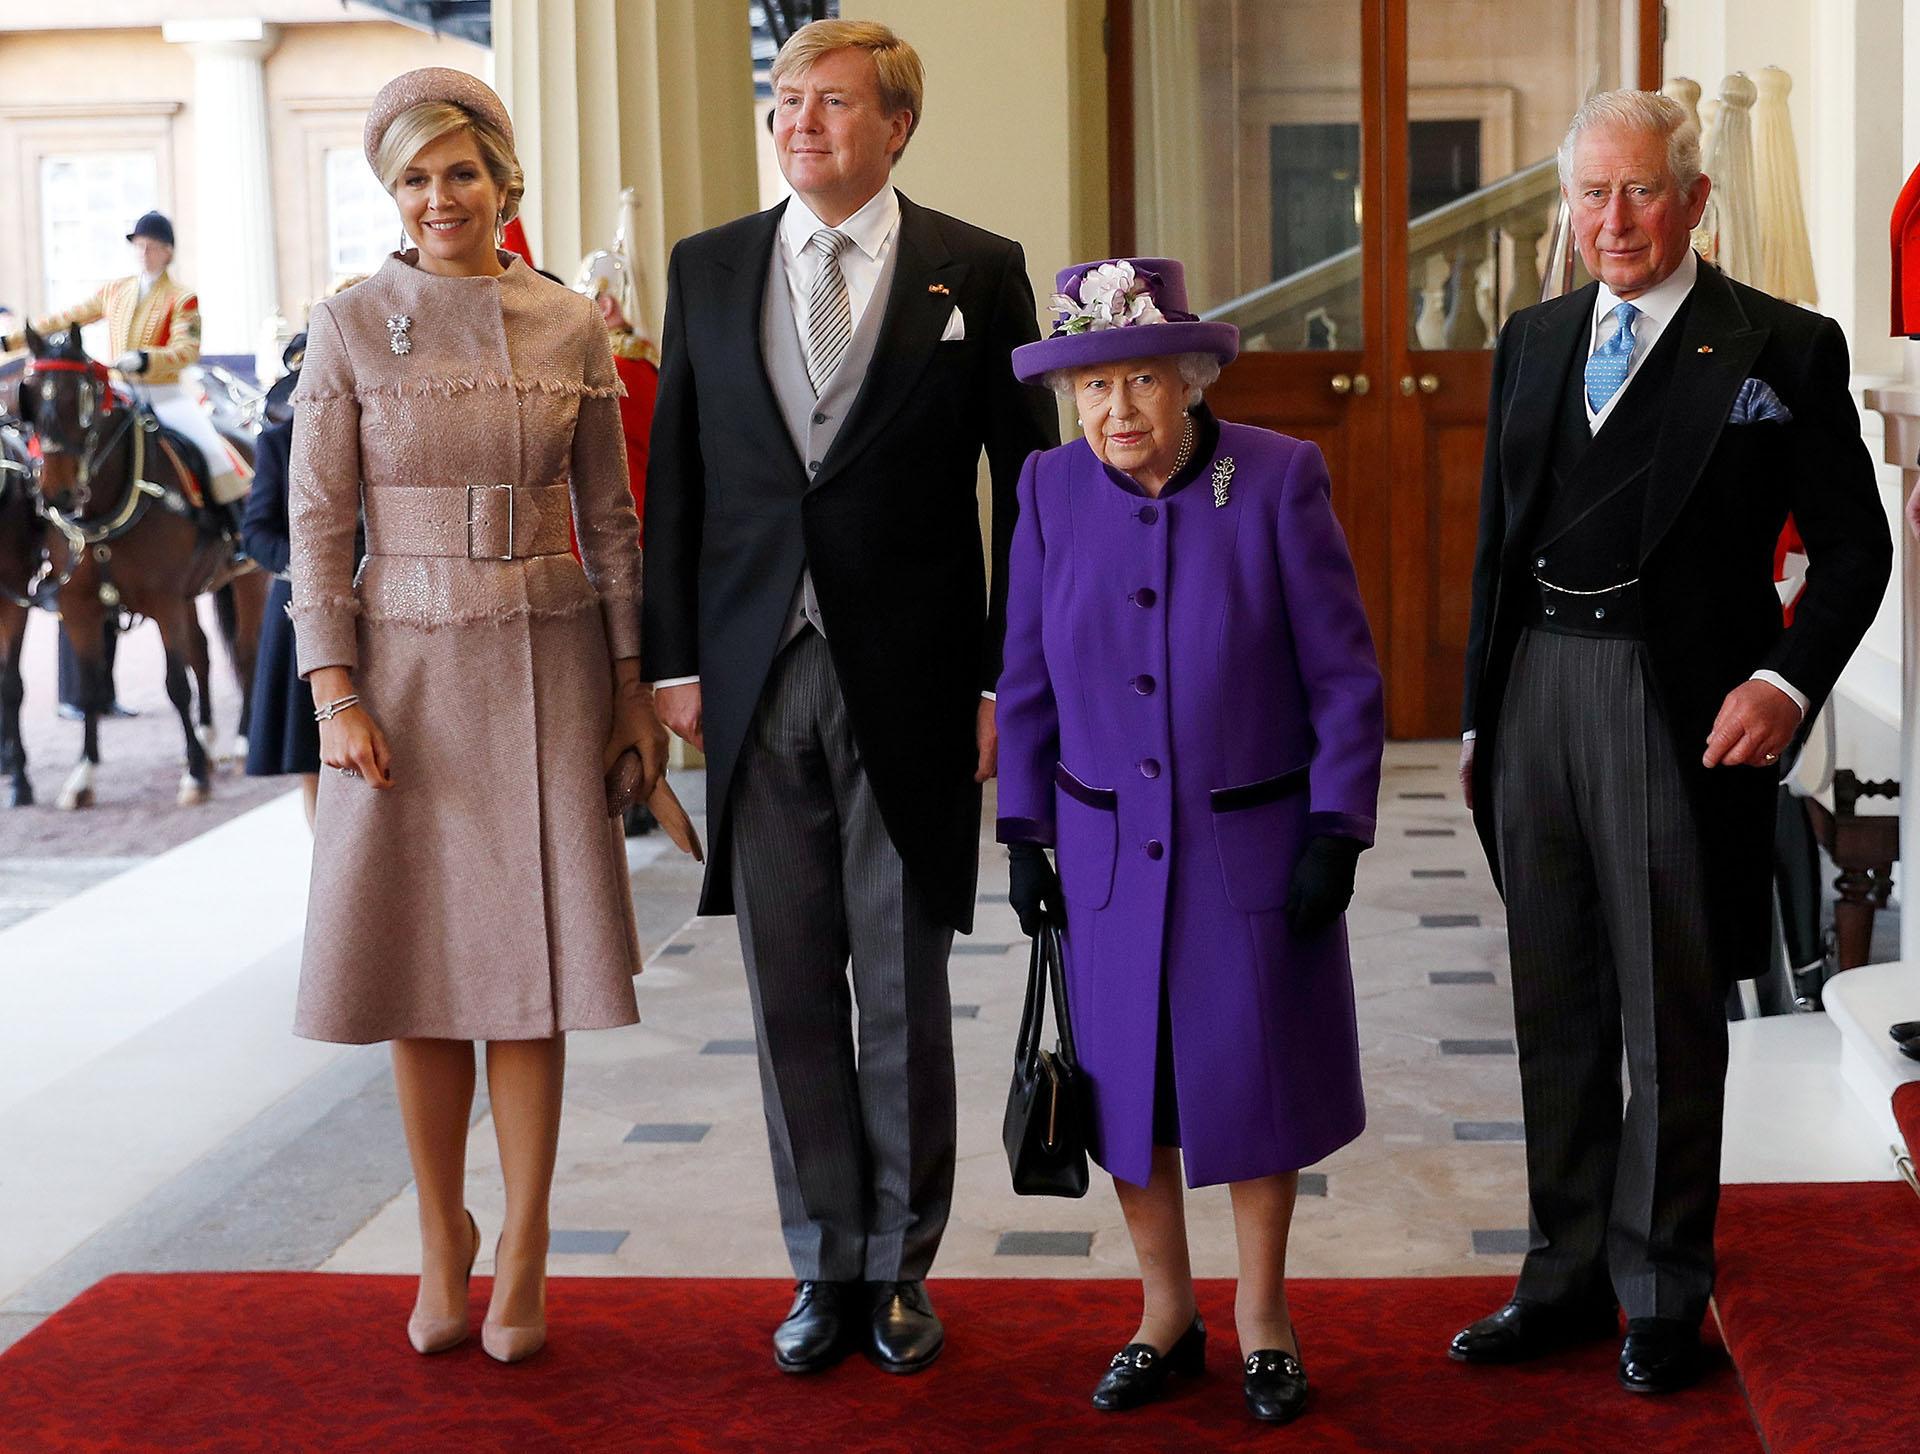 Los reyes en su primer encuentro con Isabel II, quien iba con un abrigo morado, acompañada de su hijo, el príncipe Carlos